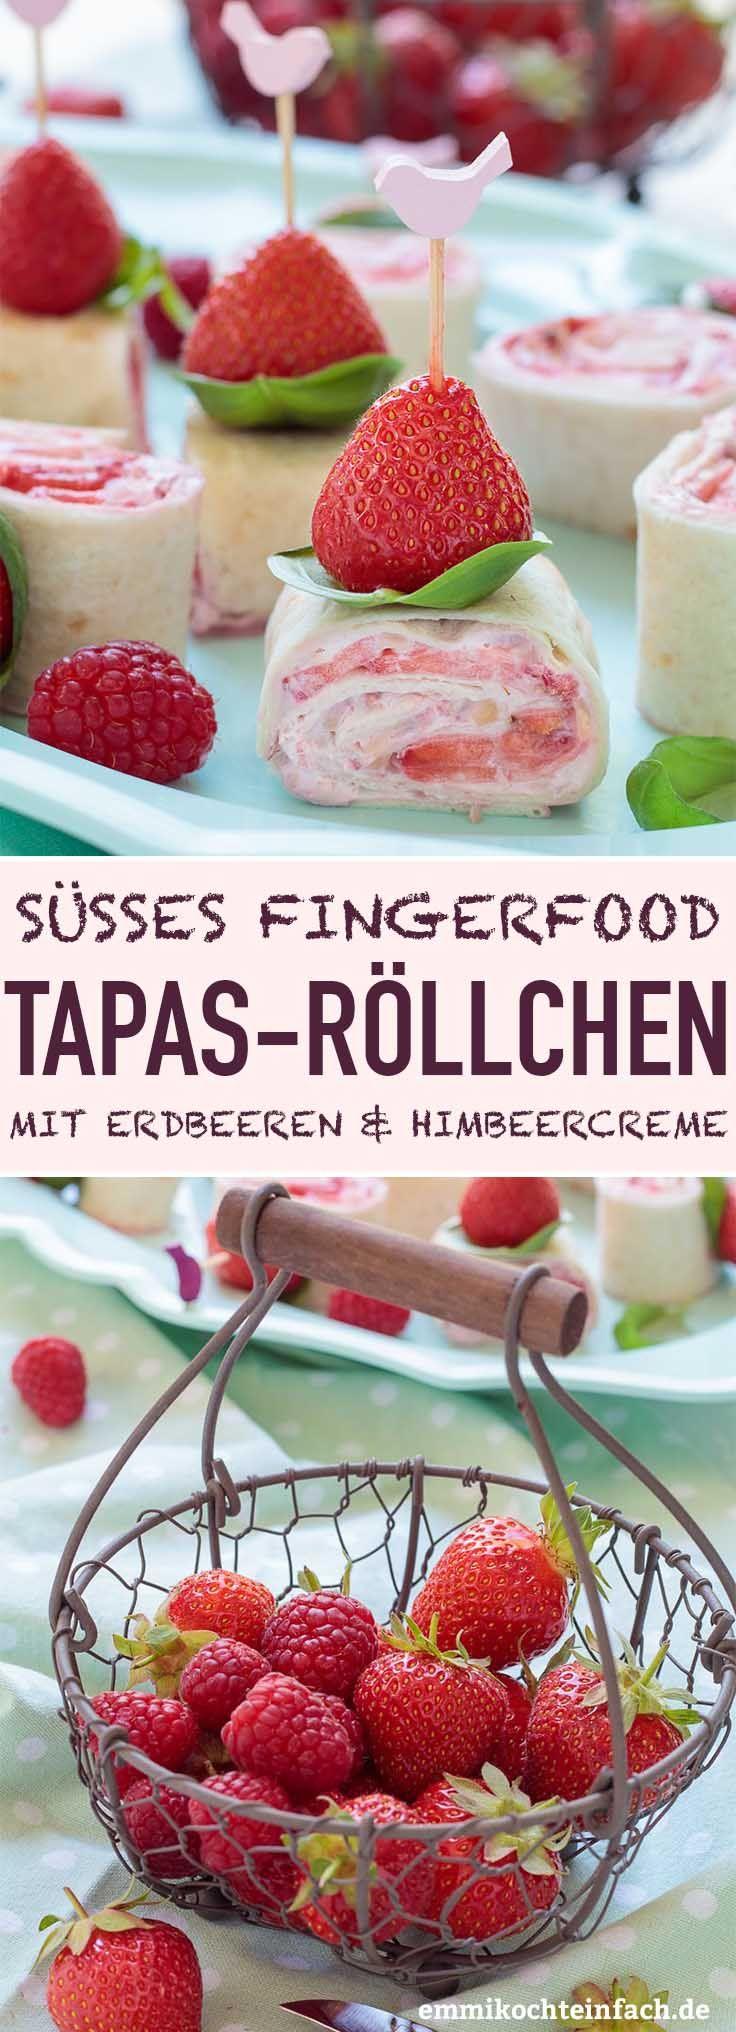 Süße Tapas Röllchen mit Erdbeeren und Himbeer-Creme #buffet